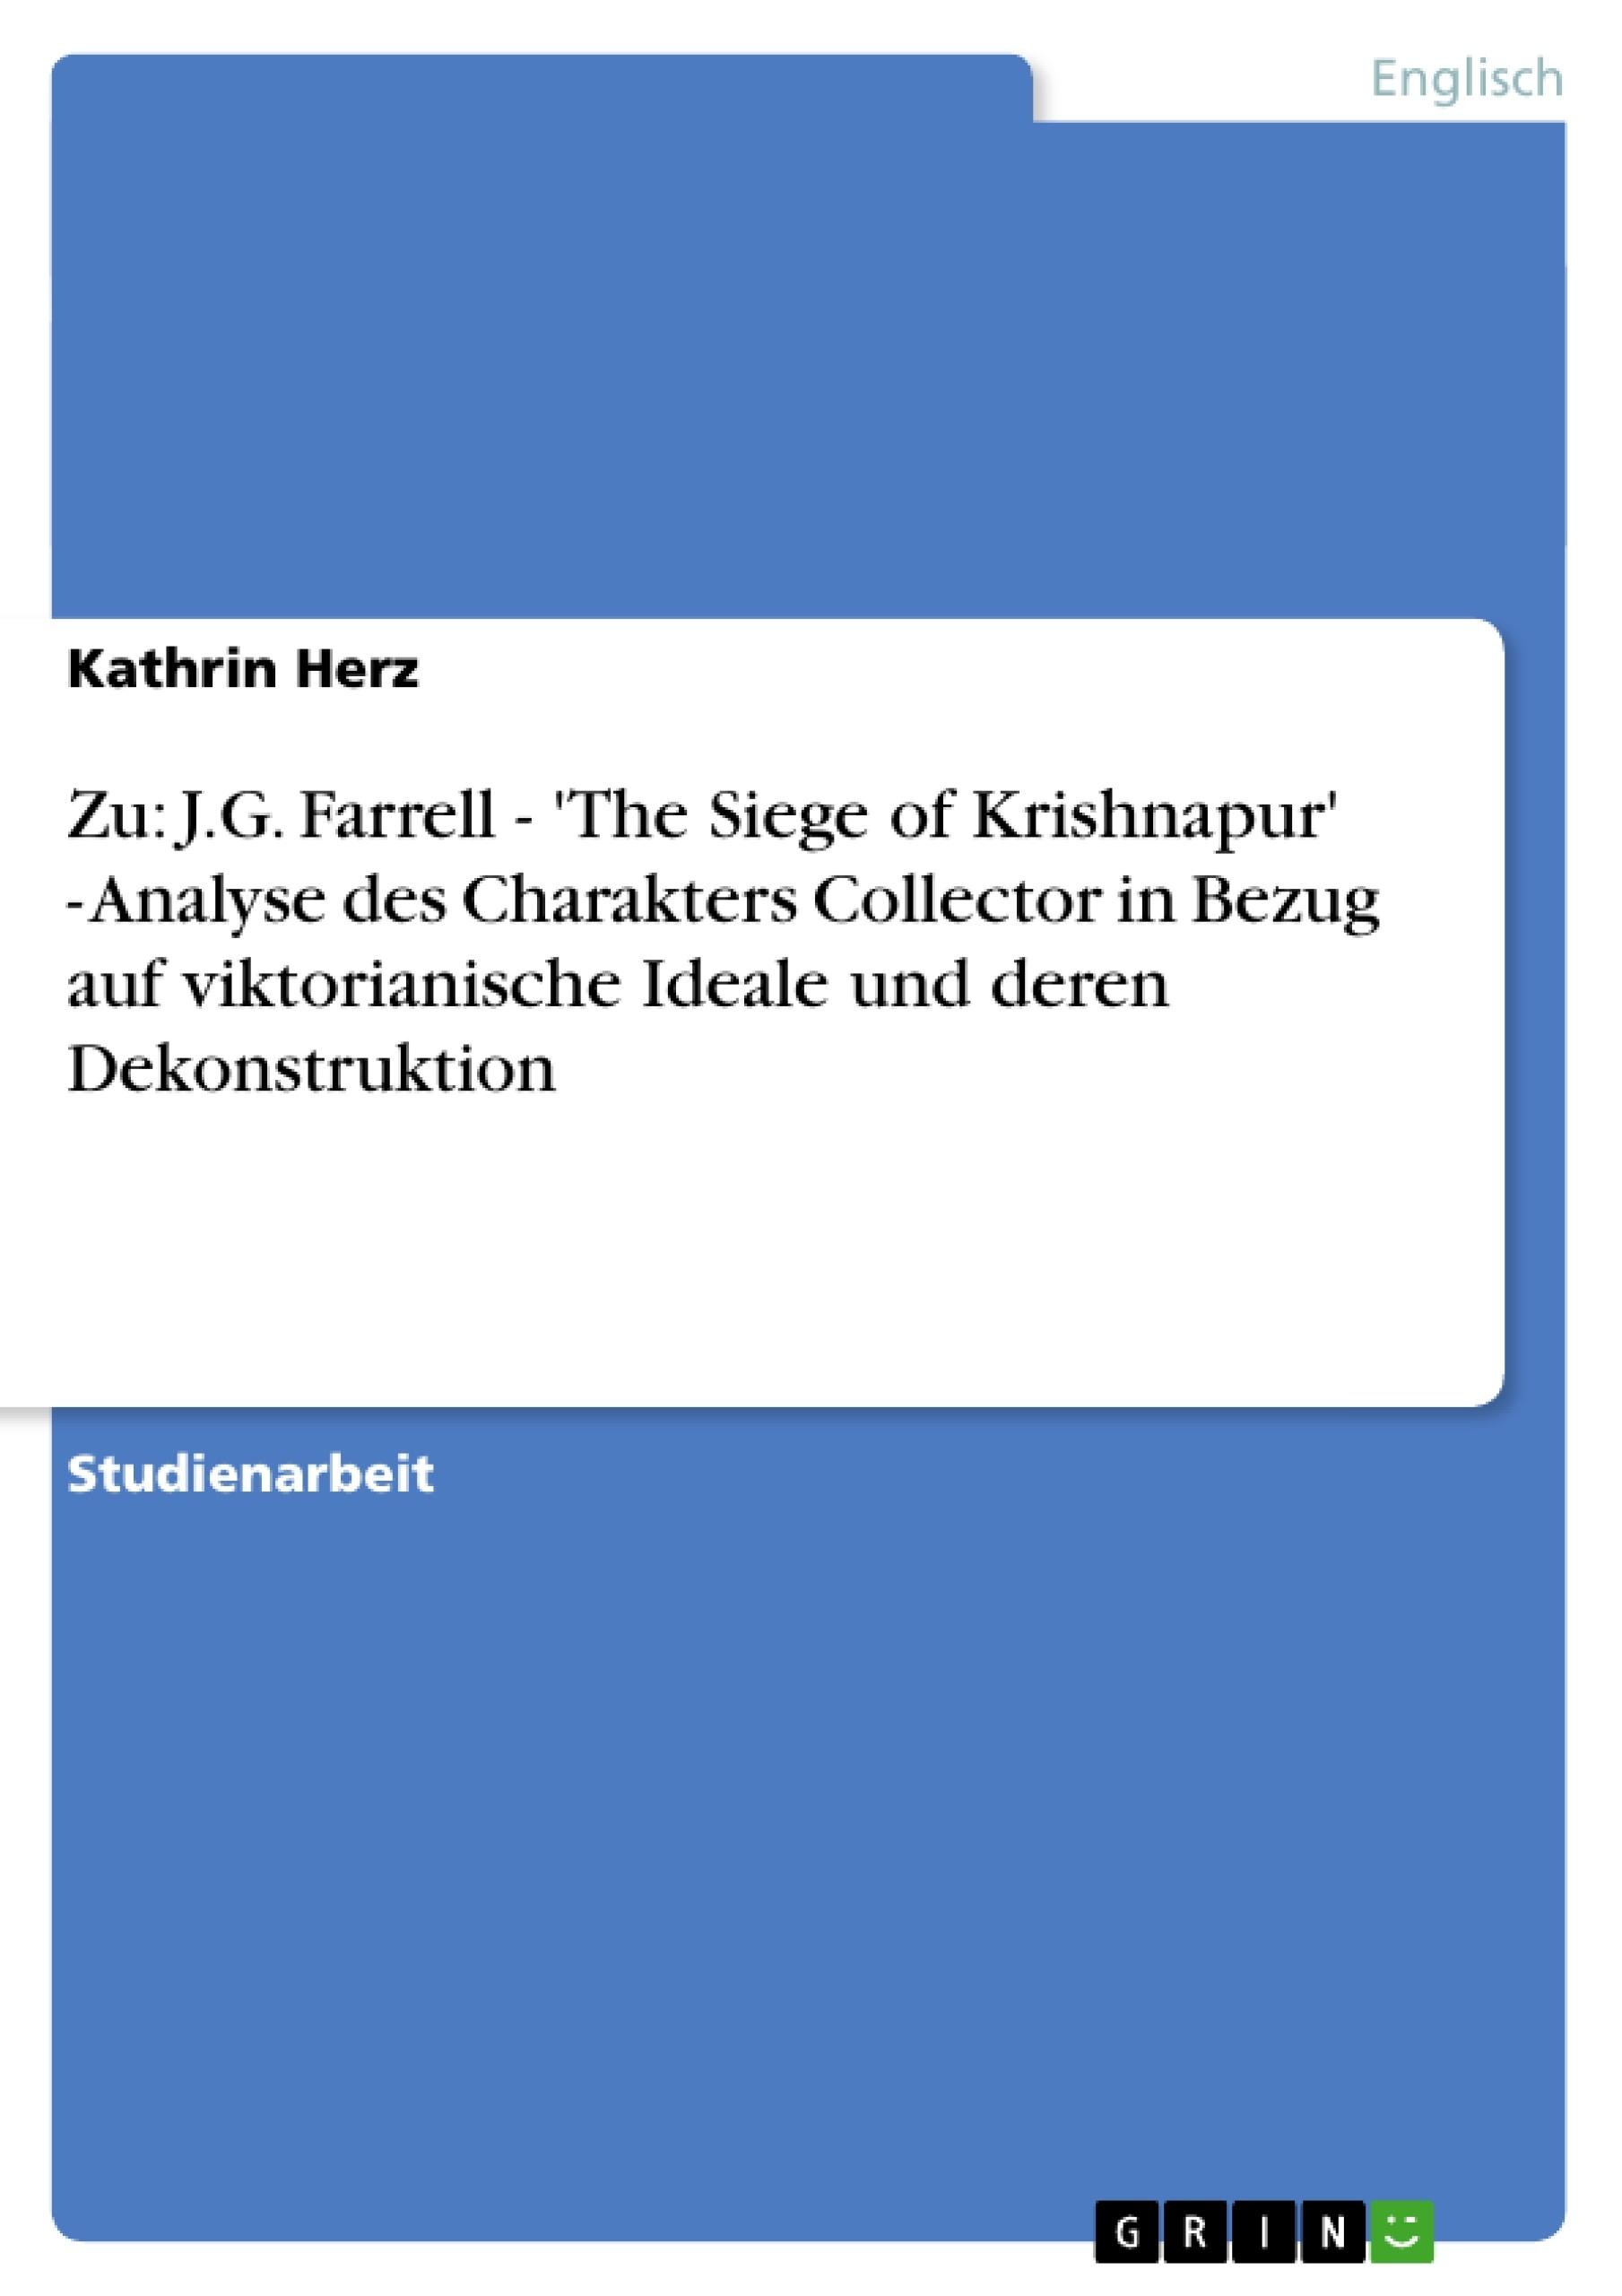 Titel: Zu: J.G. Farrell - 'The Siege of Krishnapur' - Analyse des Charakters Collector in Bezug auf viktorianische Ideale und deren Dekonstruktion